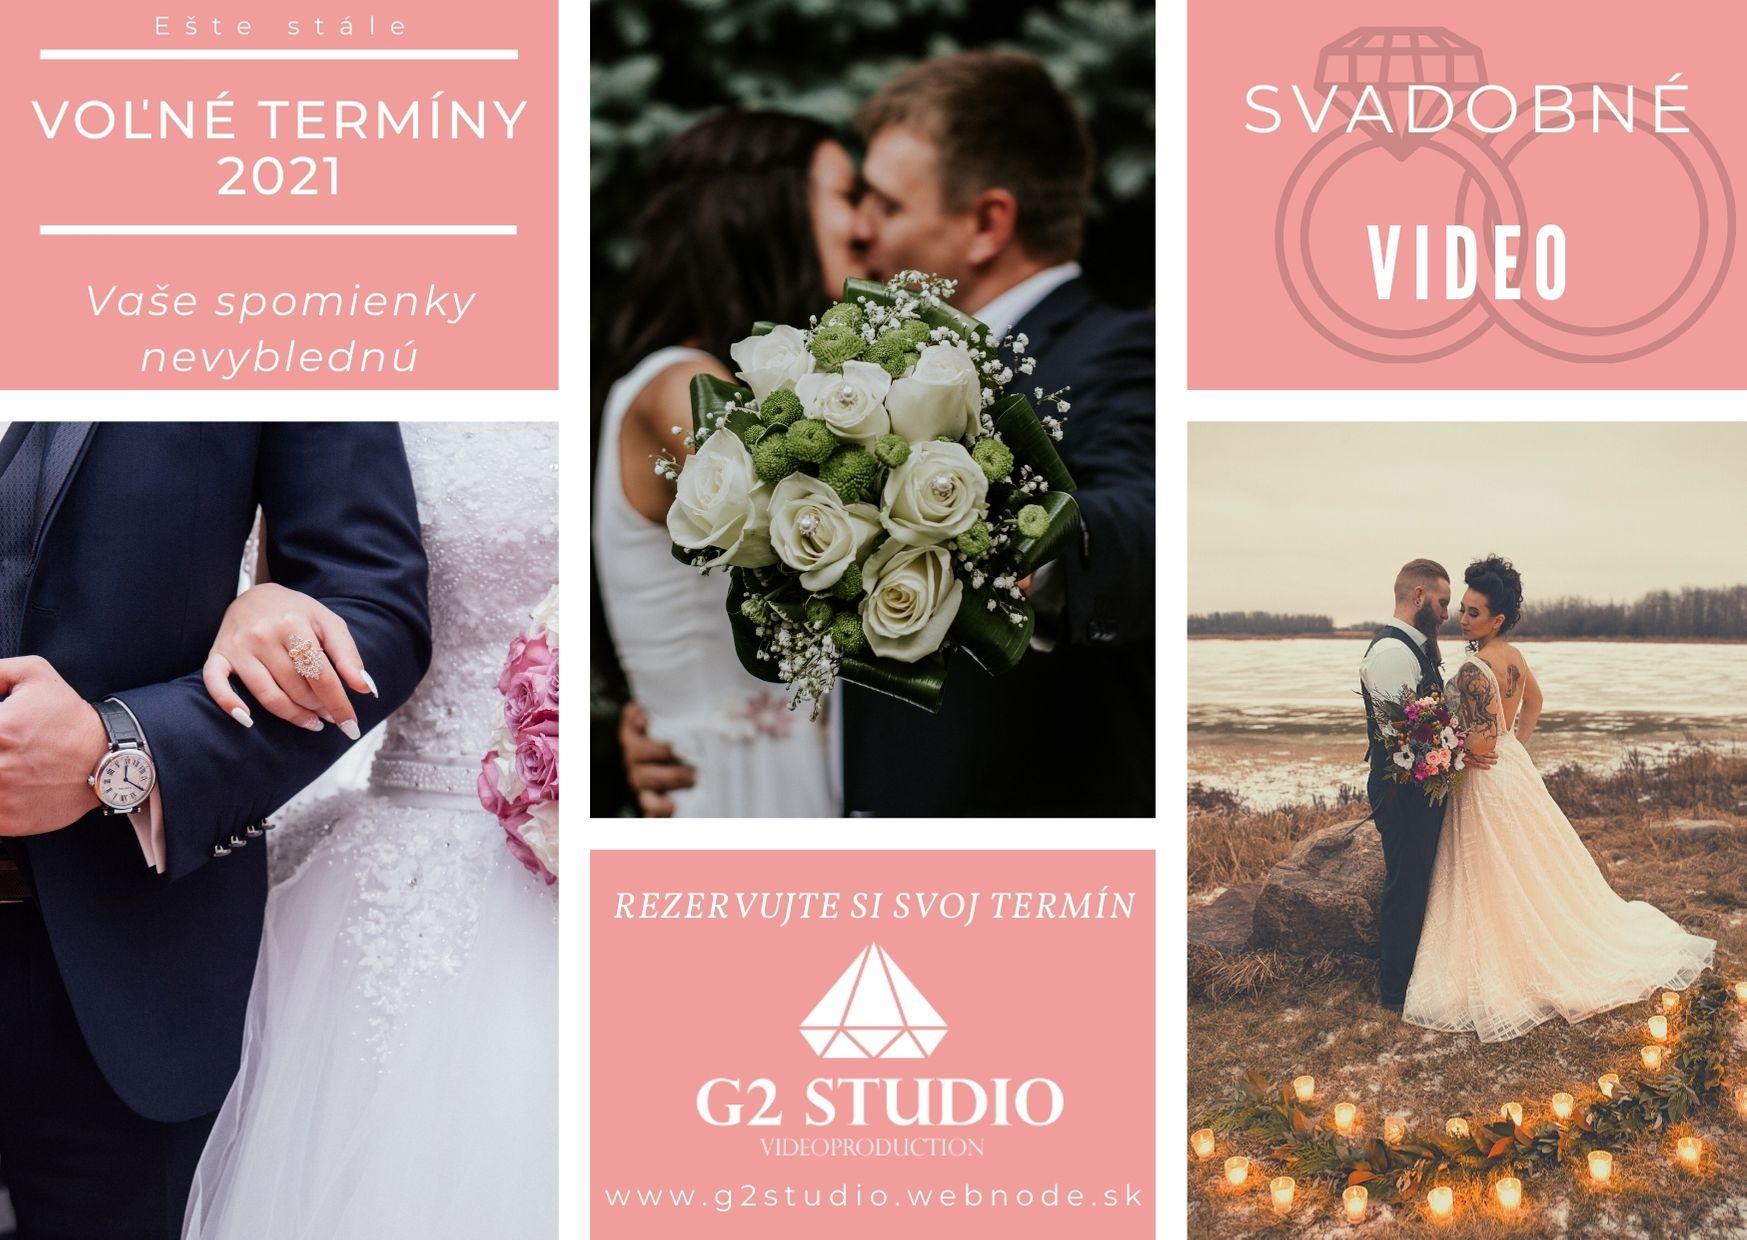 Vaše svadobné VIDEO  😉 Prjímam rezervácie na sezónu 2021 aj 2022 🙂 polovica termínov na sezónu 2021 obsadená, tak neváhajte napíšte a rezervujte si váš termín. 😉 - Obrázok č. 1